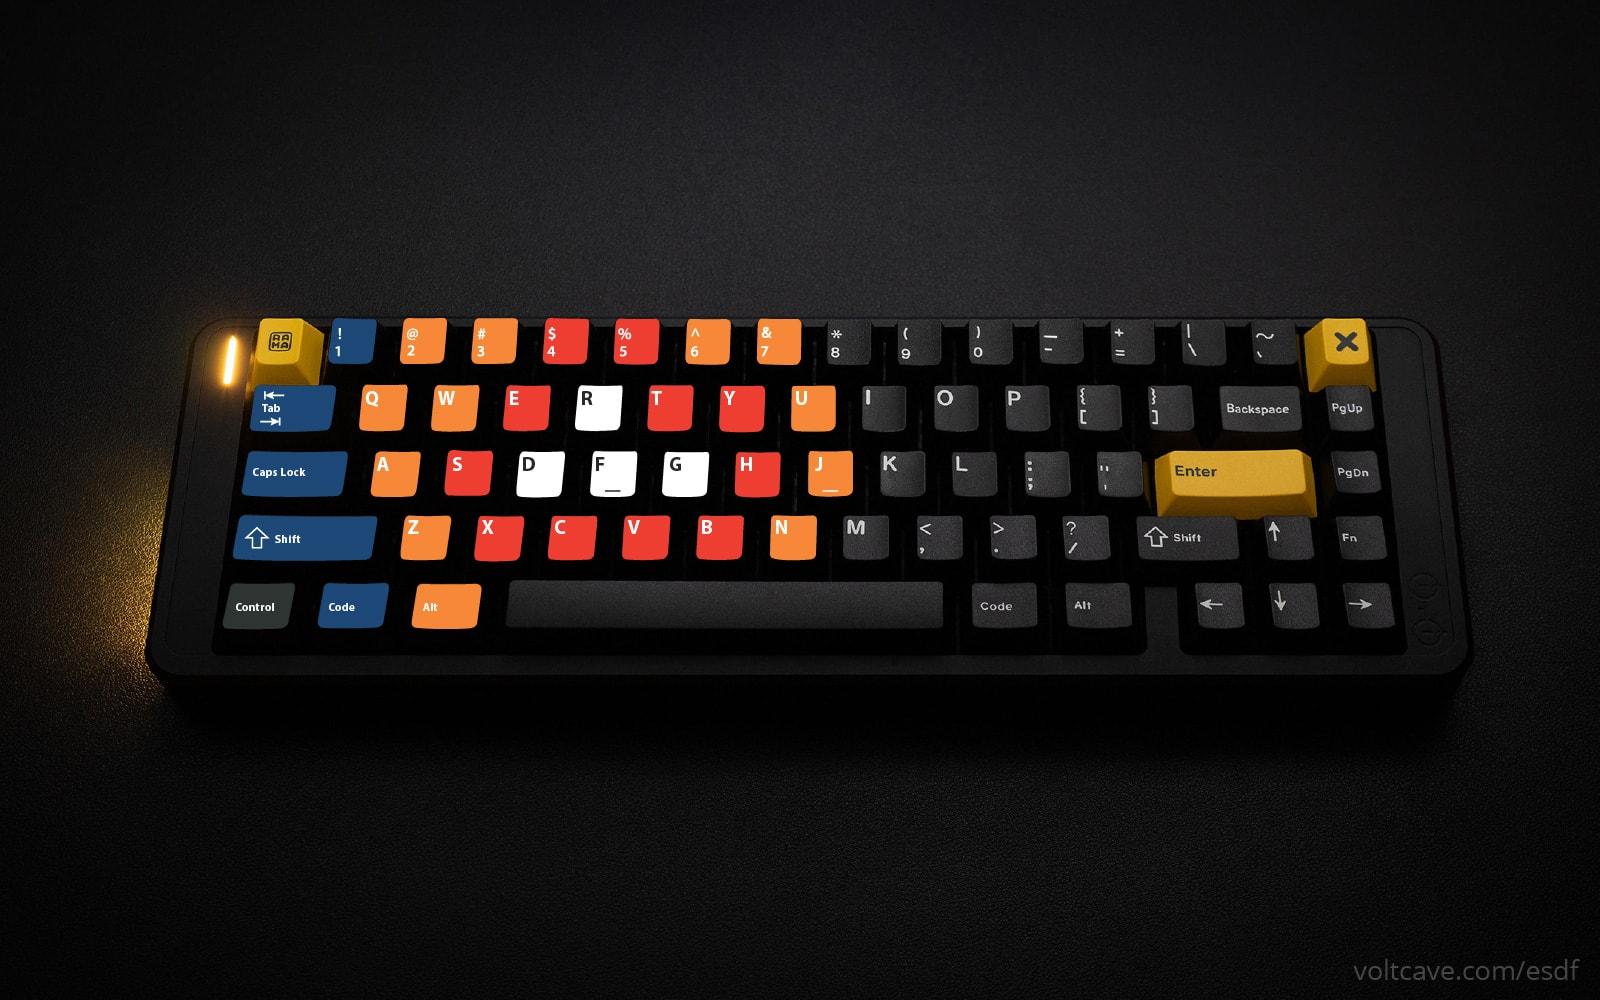 RDFG keyboard layout